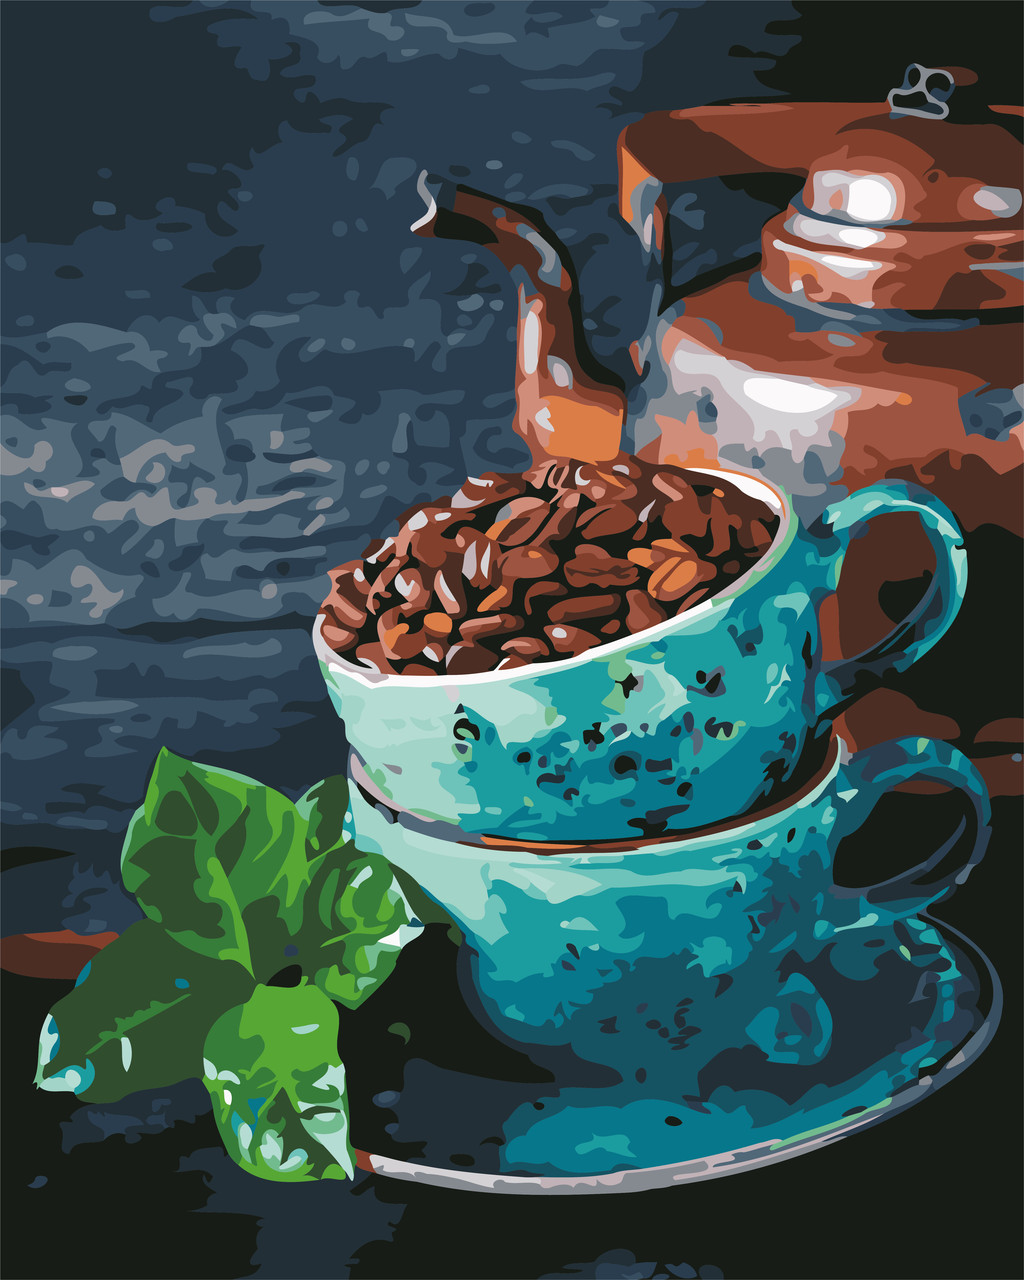 Художественный творческий набор, картина по номерам Кофейные зерна, 40x50 см, «Art Story» (AS0627)